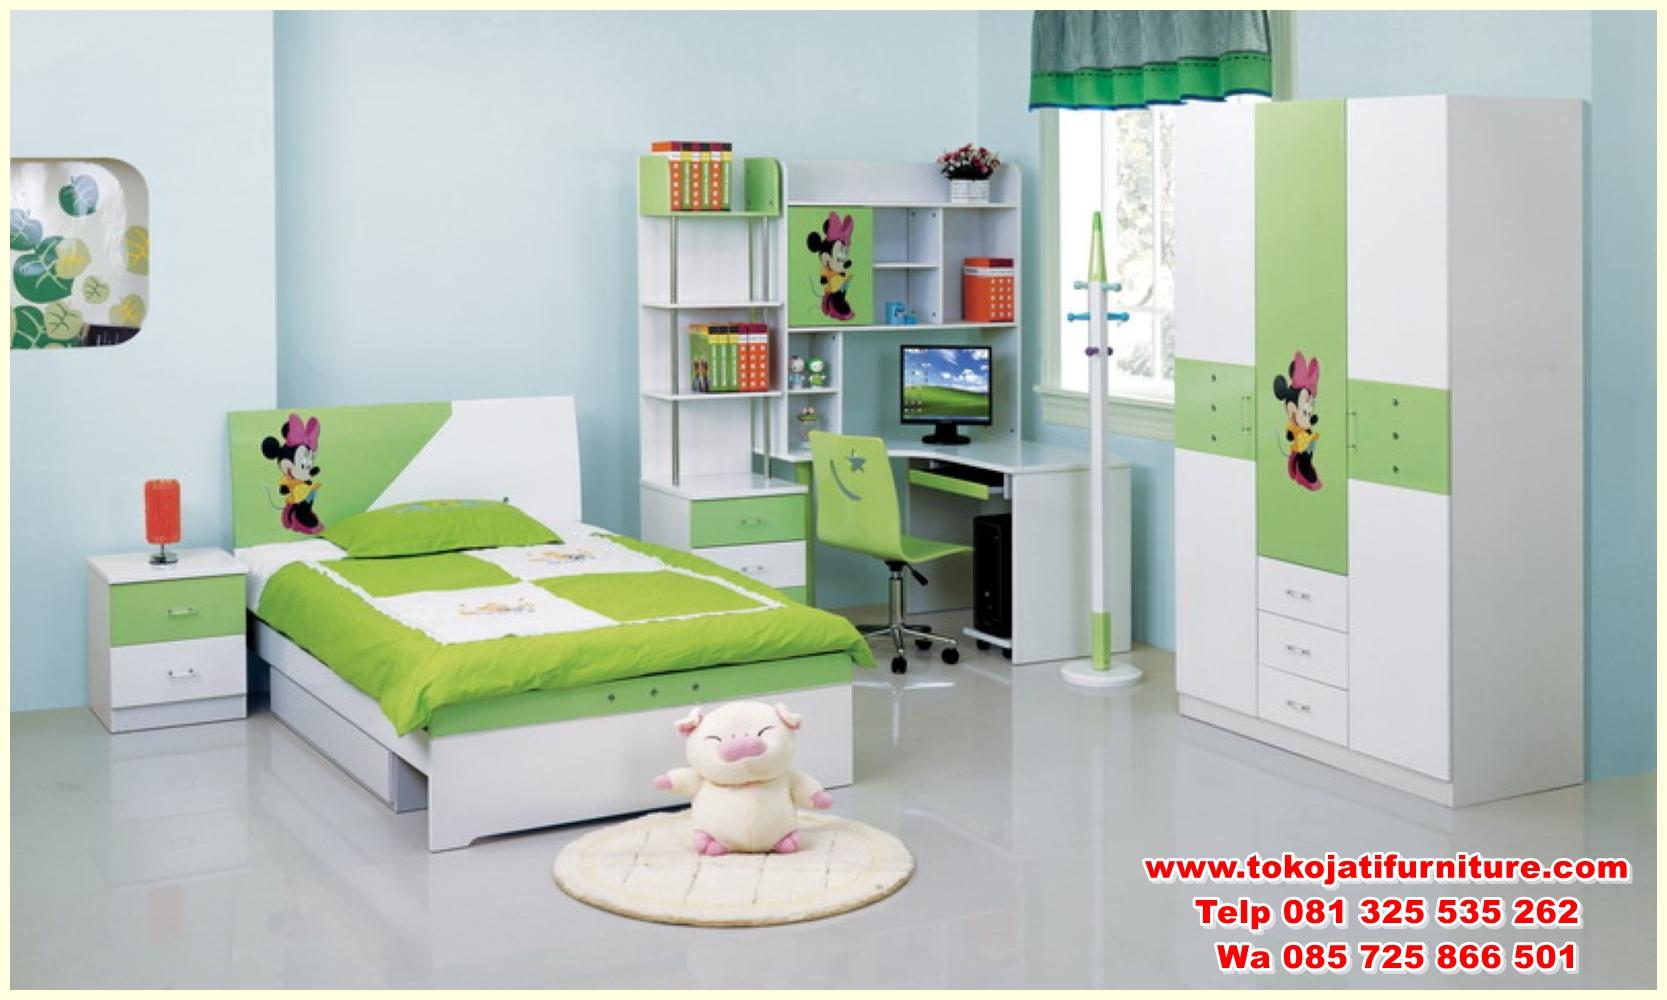 childs-bedroom-furniture-set-best-bedroom-ideas-2017 set tempat tidur anak modern karakter